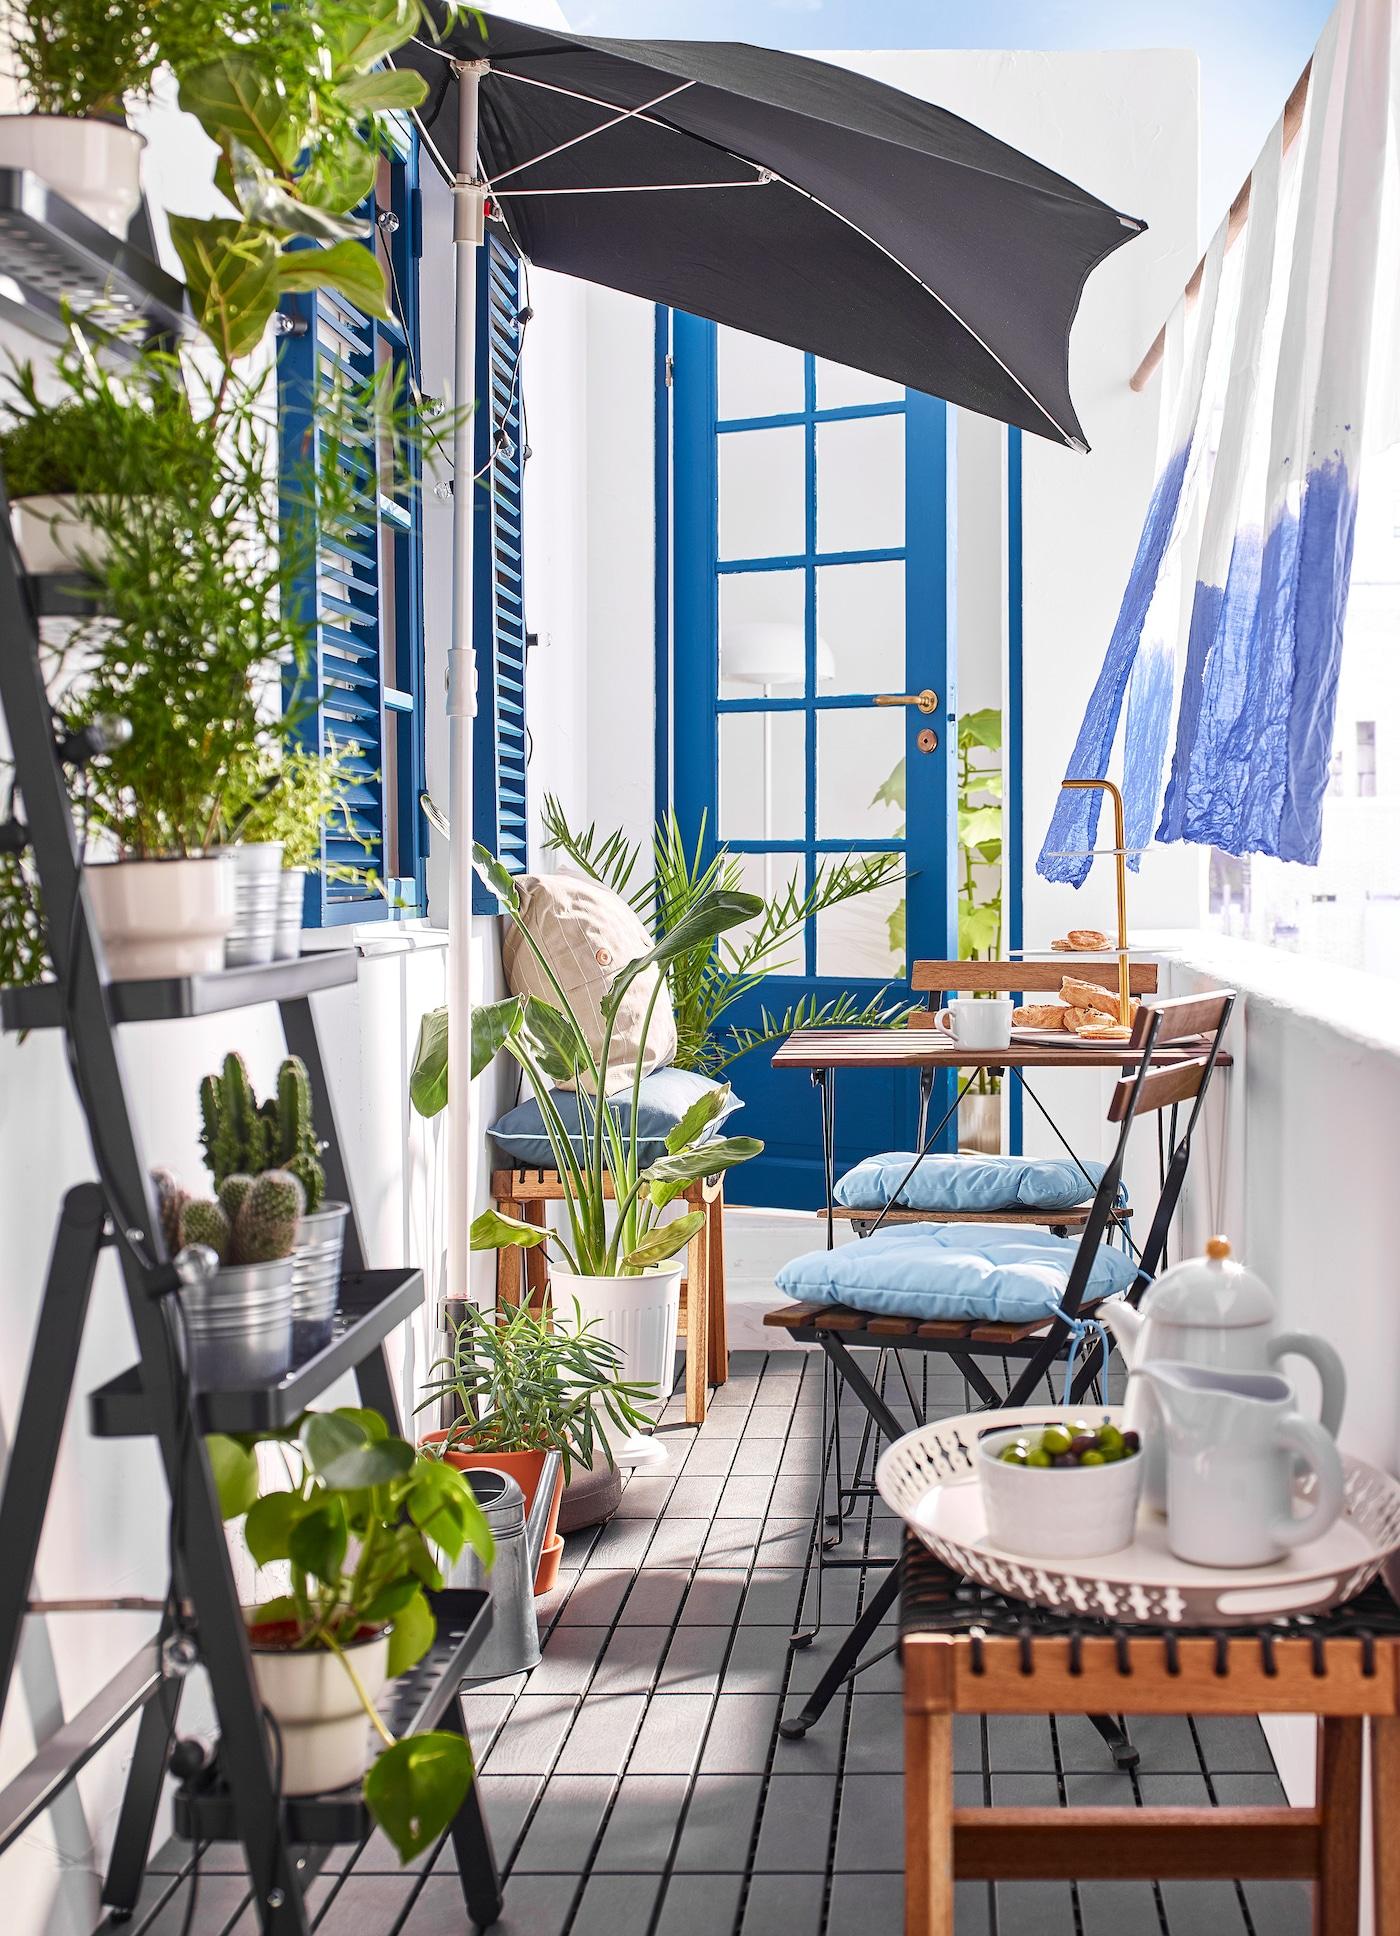 Kleiner Balkon mit Tisch, Stühlen, Pflanzen, Sonnenschirm & vielen kleinen Dekoartikeln.